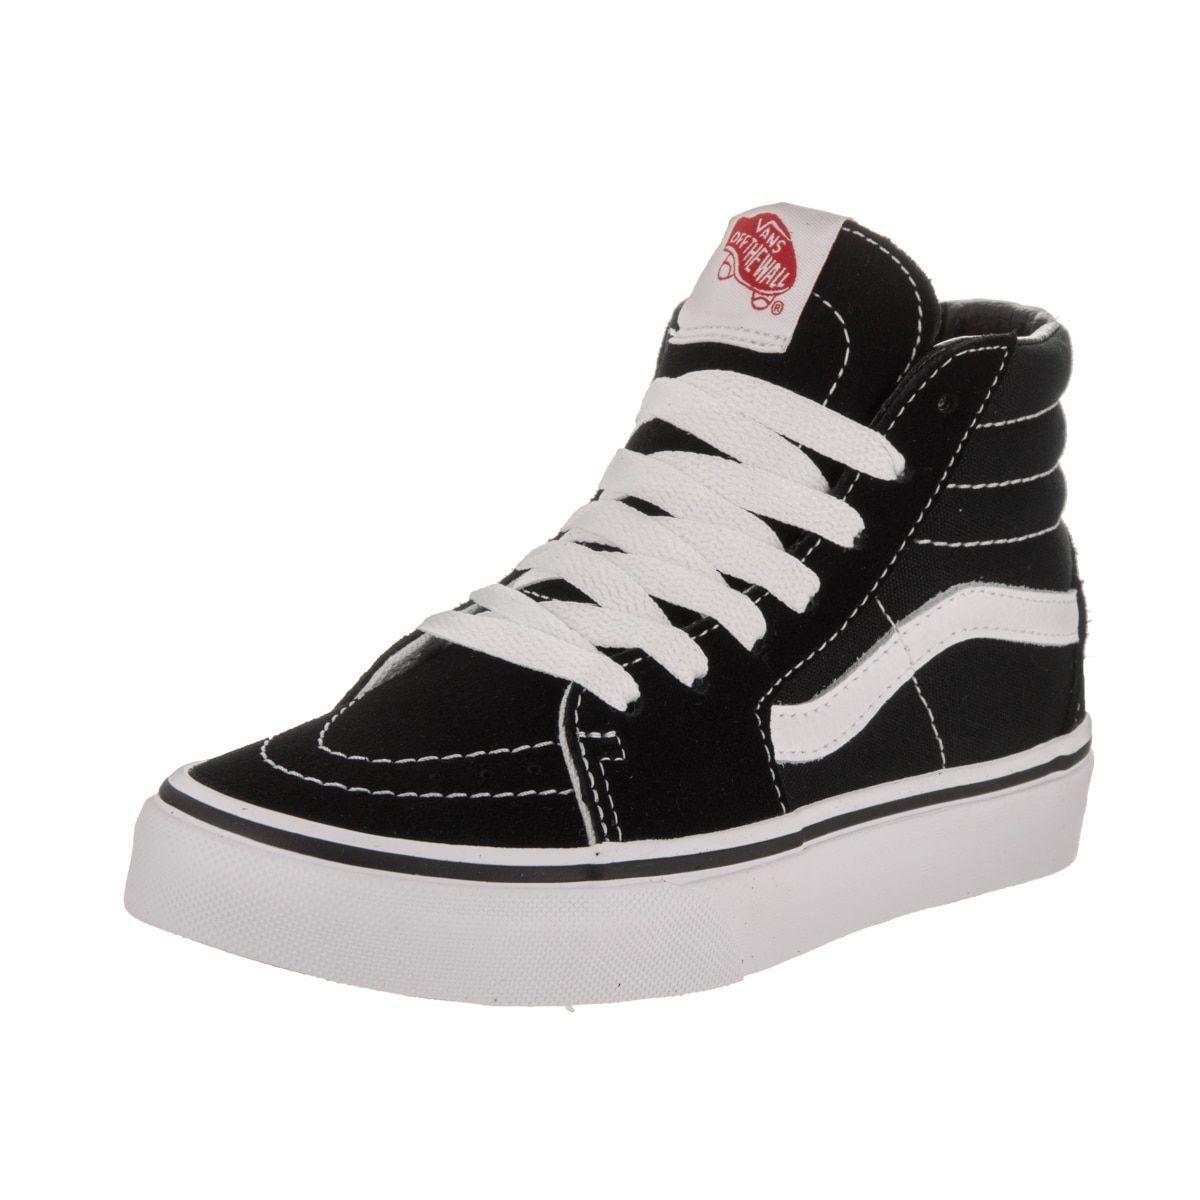 84dfd2da8f Vans Kids  Sk8-Hi Black Suede Skate Shoes (11.5)